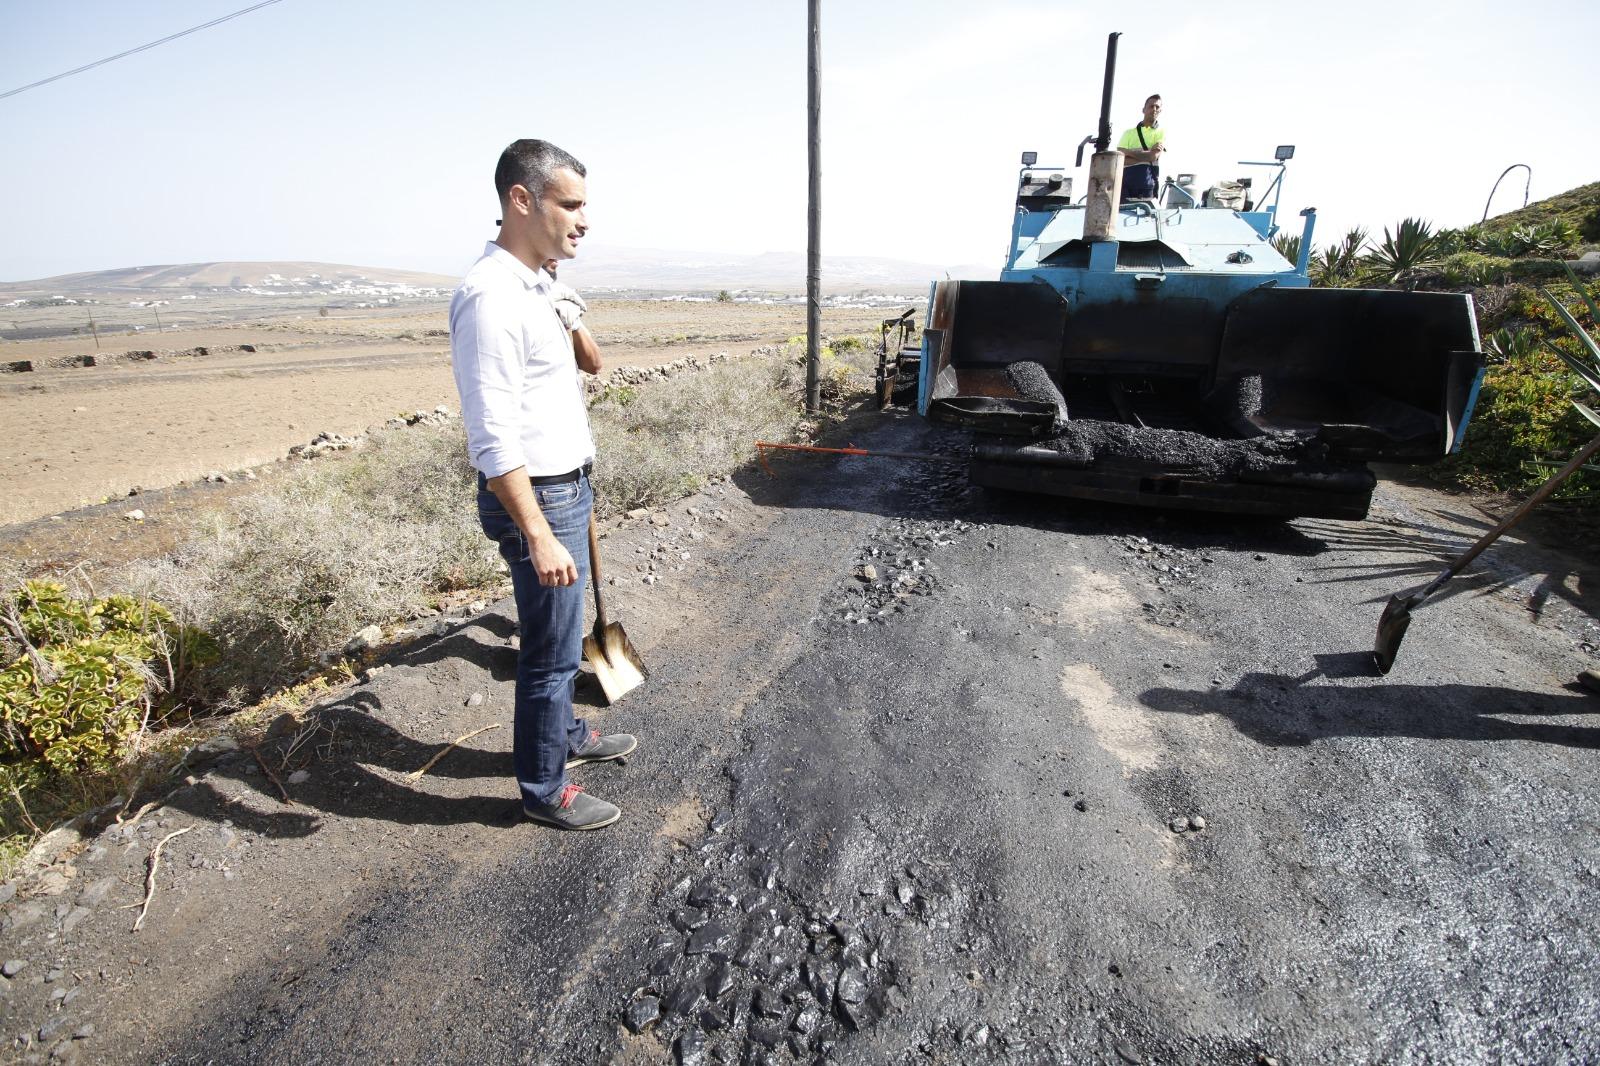 Hoy dieron comienzo las obras de asfaltado del Camino de Las Cuevas